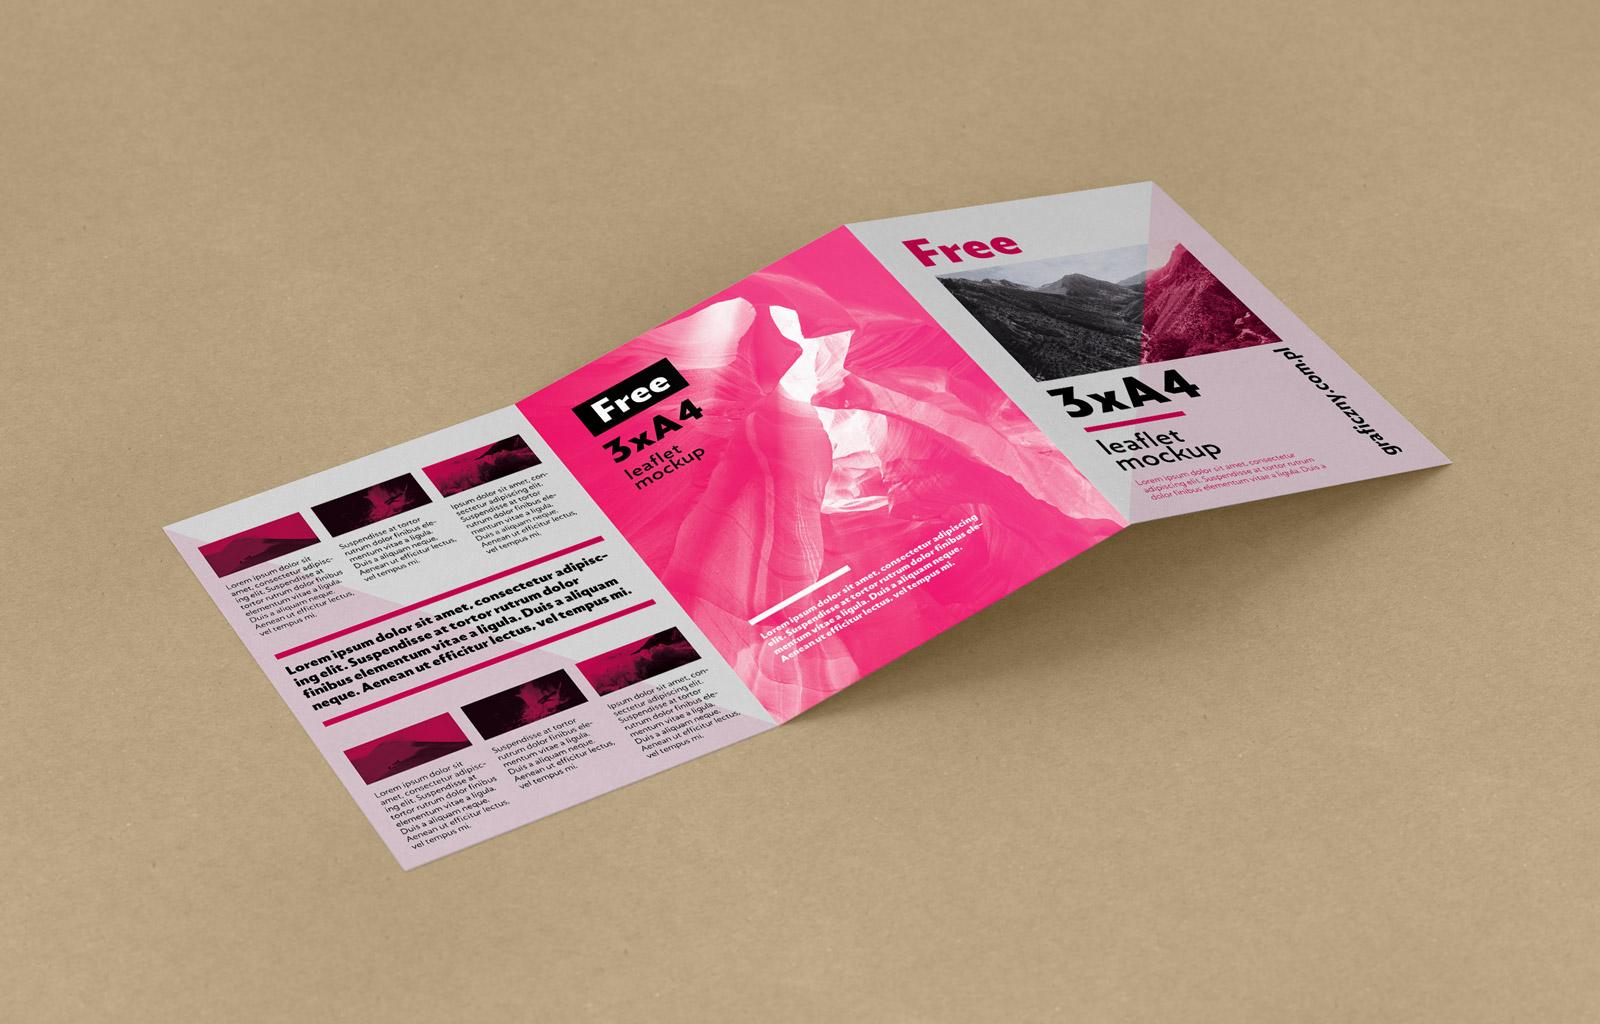 Free-Tri-Fold-A4-Brochure-Mockup-PSD-3